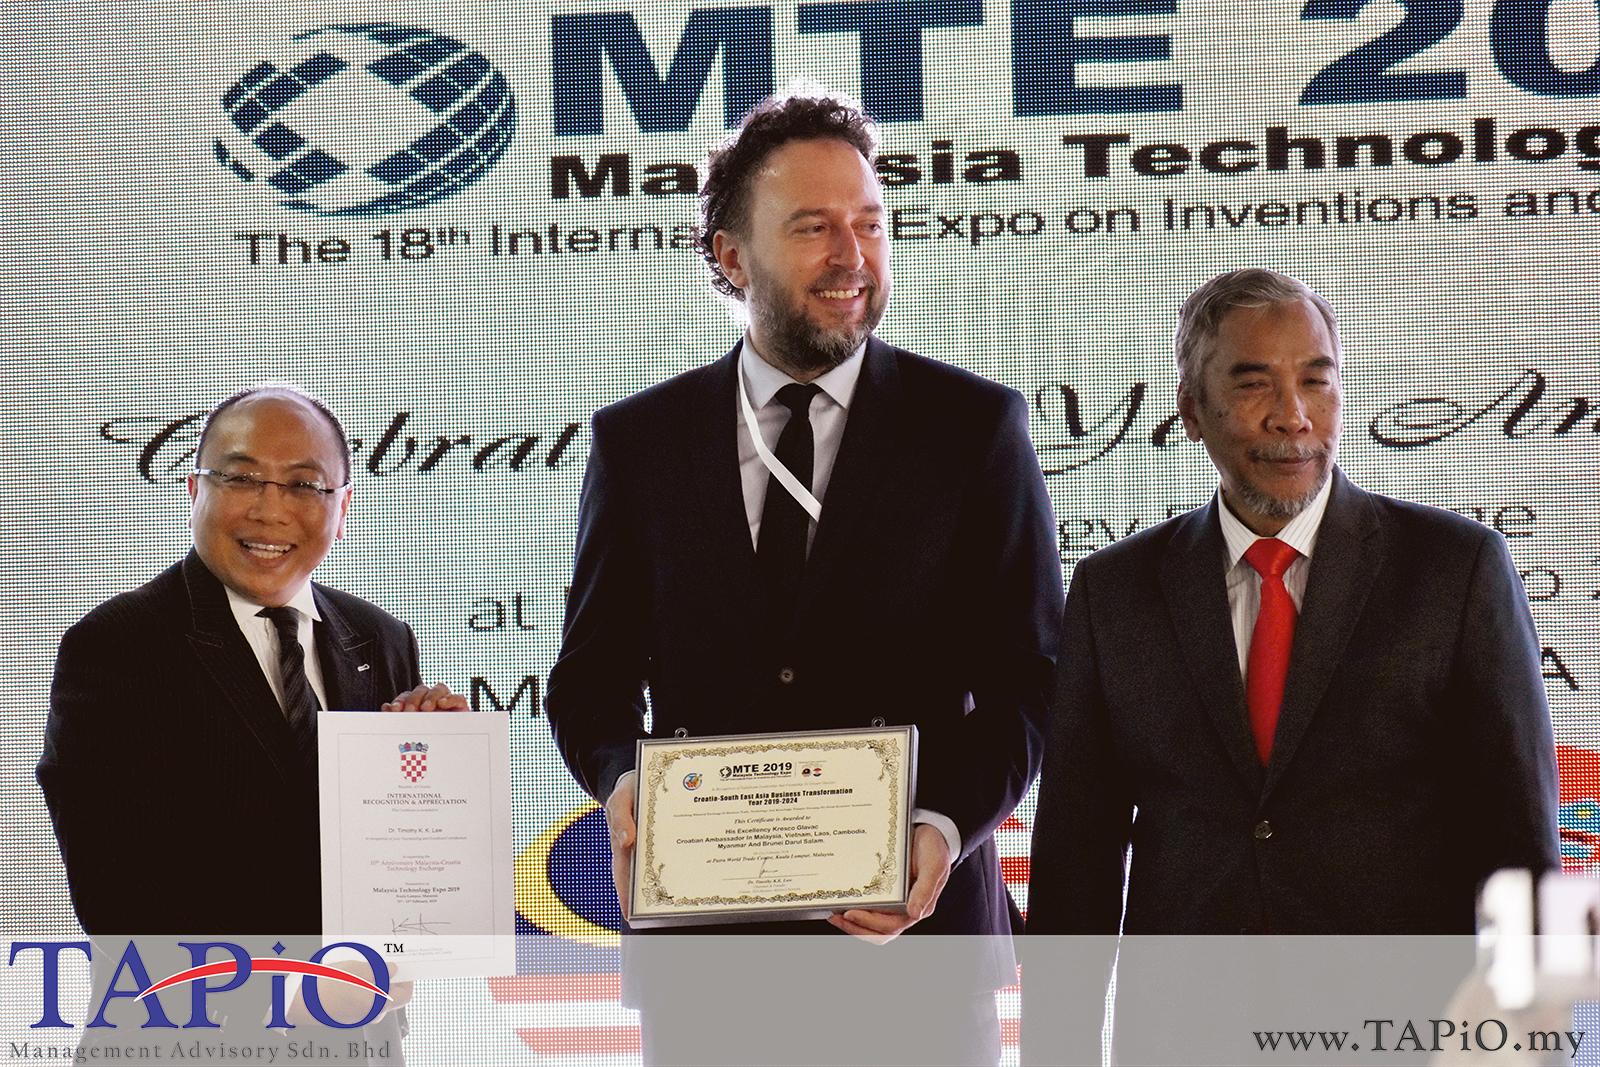 Malaysia Technology Expo - 21/02/2019 (8)